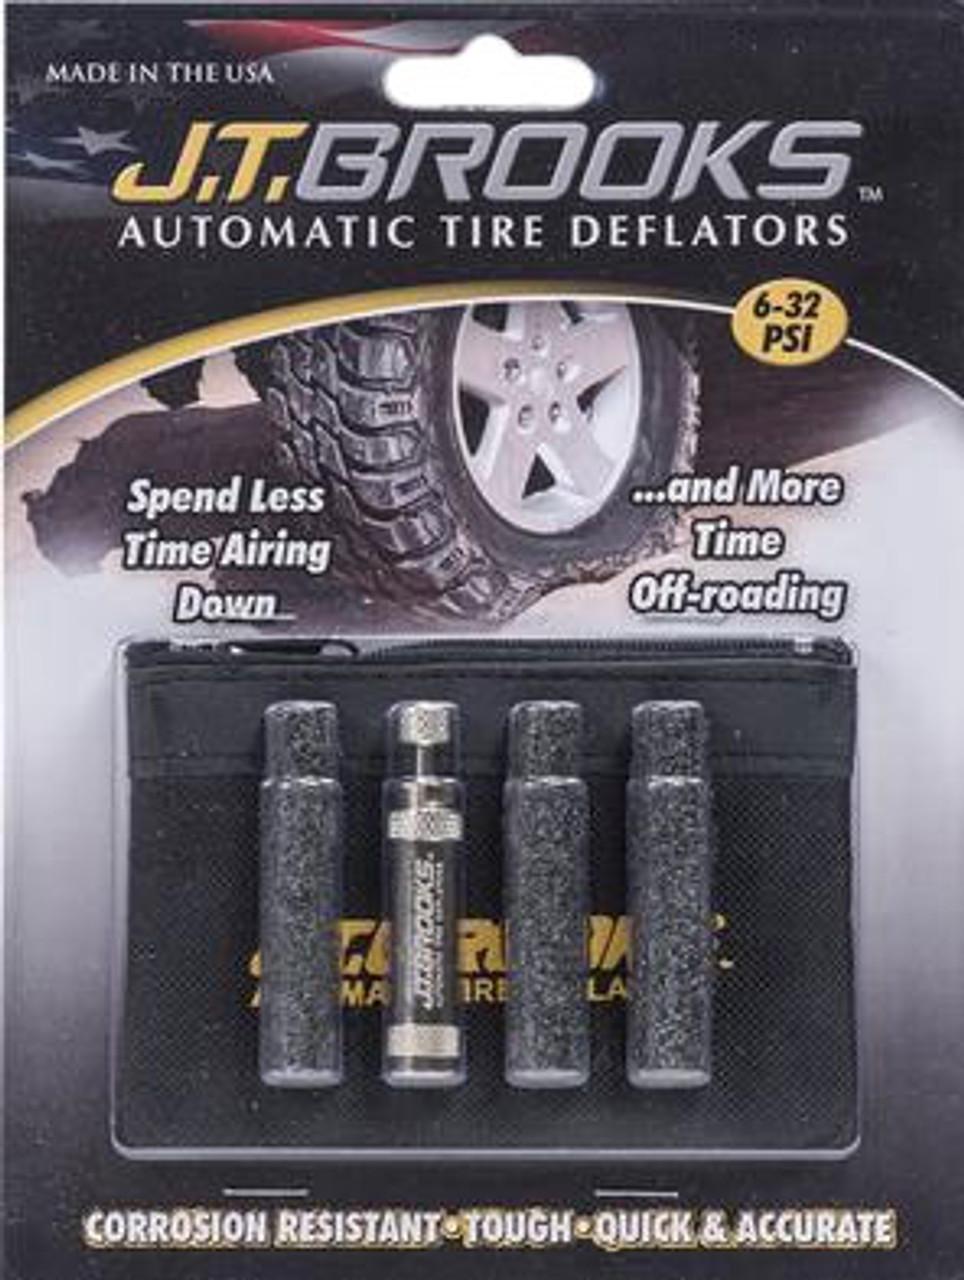 JT Brook ATD1 Single Automatic Tire Deflator